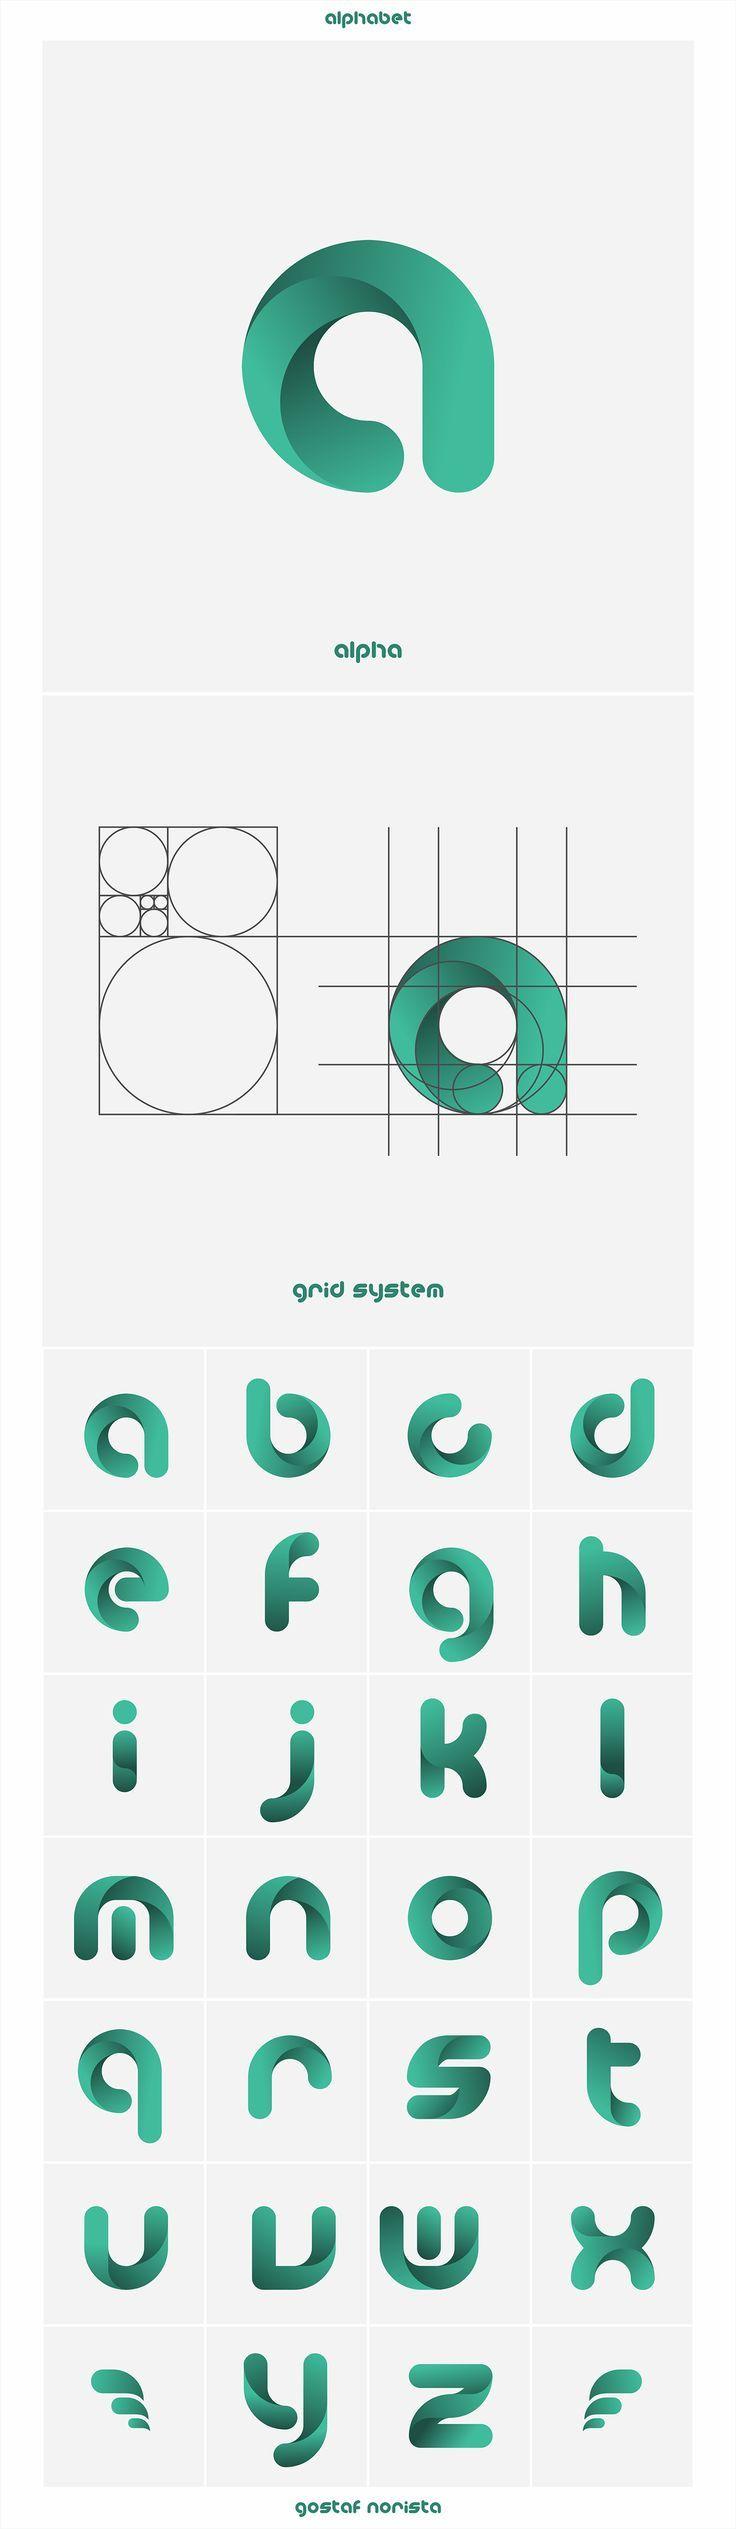 Wiederholung von Typografie basierend auf Multipli…